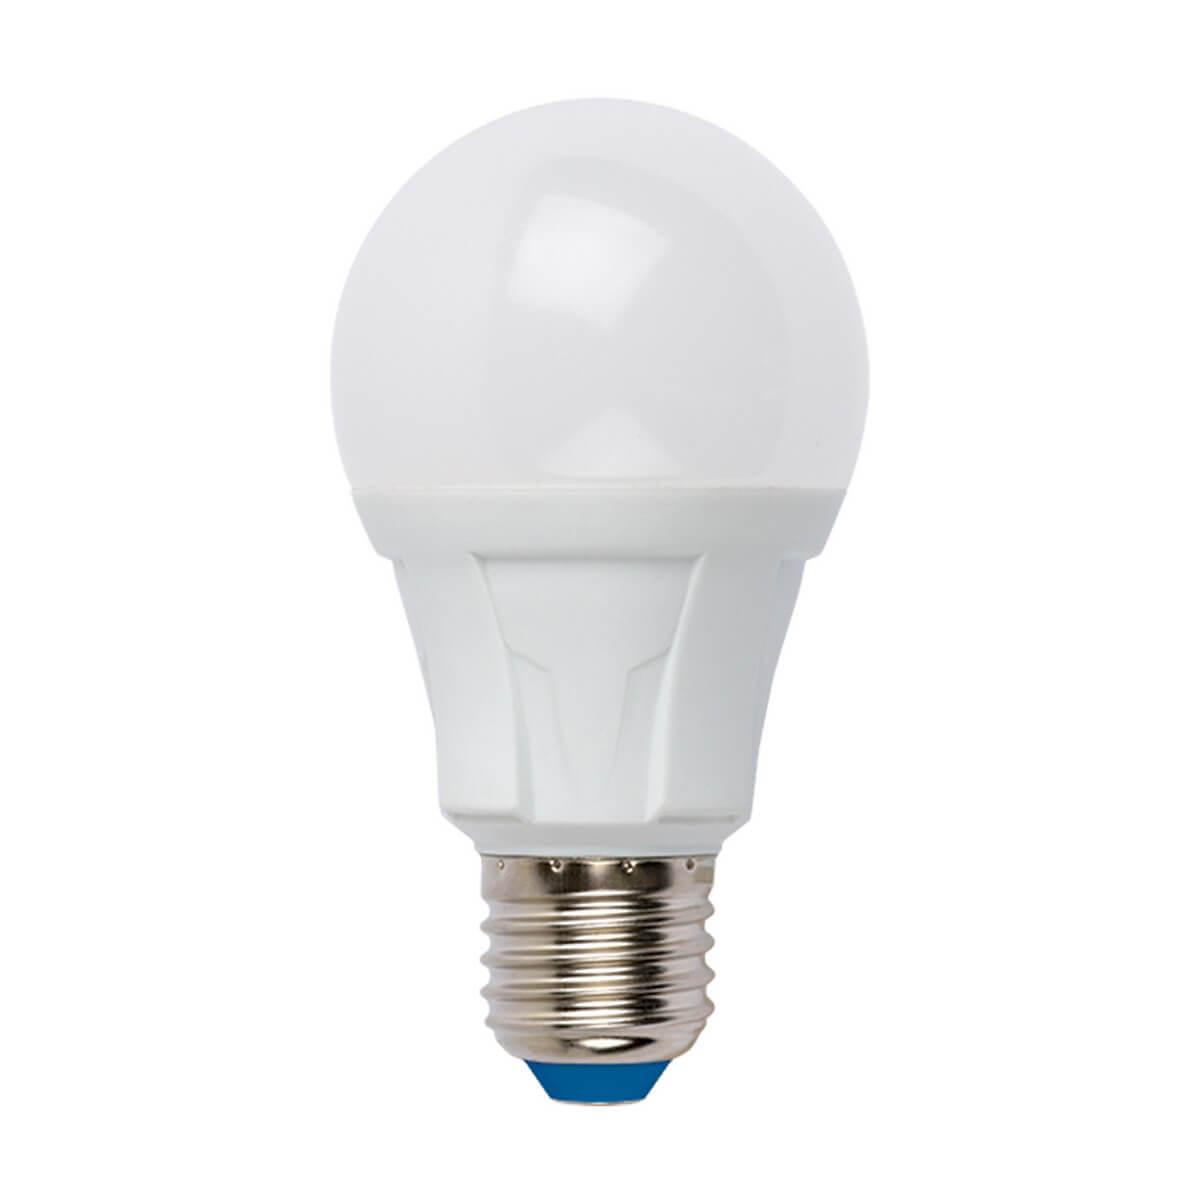 цена на Лампа светодиодная диммируемая (UL-00004289) E27 12W 4000K матовая LED-A60 12W/4000K/E27/FR/DIM PLP01WH